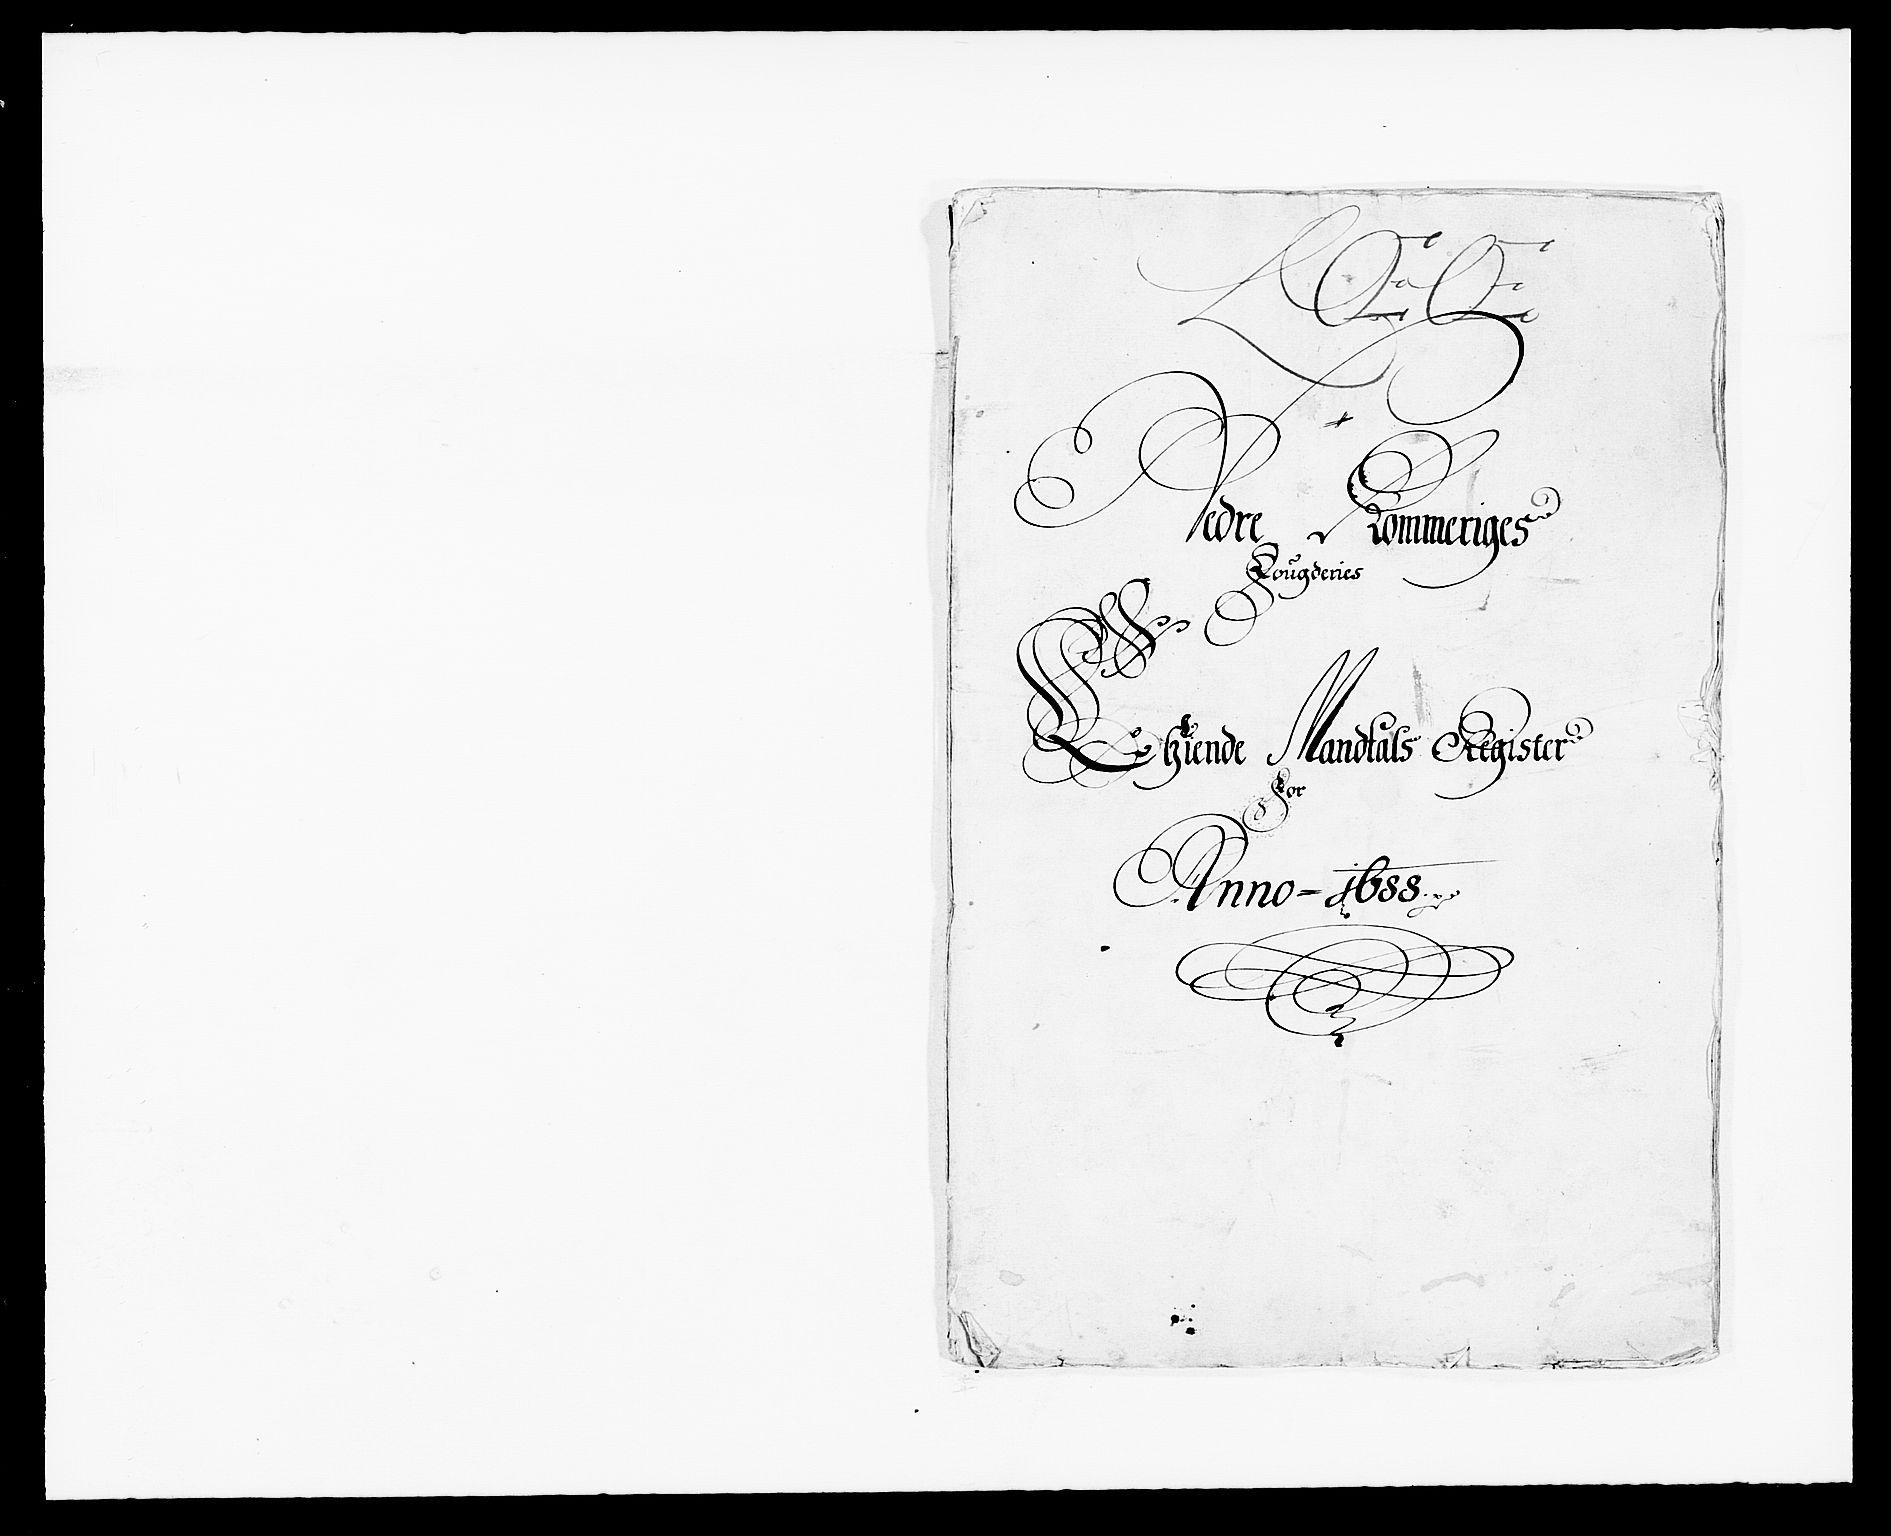 RA, Rentekammeret inntil 1814, Reviderte regnskaper, Fogderegnskap, R11/L0573: Fogderegnskap Nedre Romerike, 1679-1688, s. 121